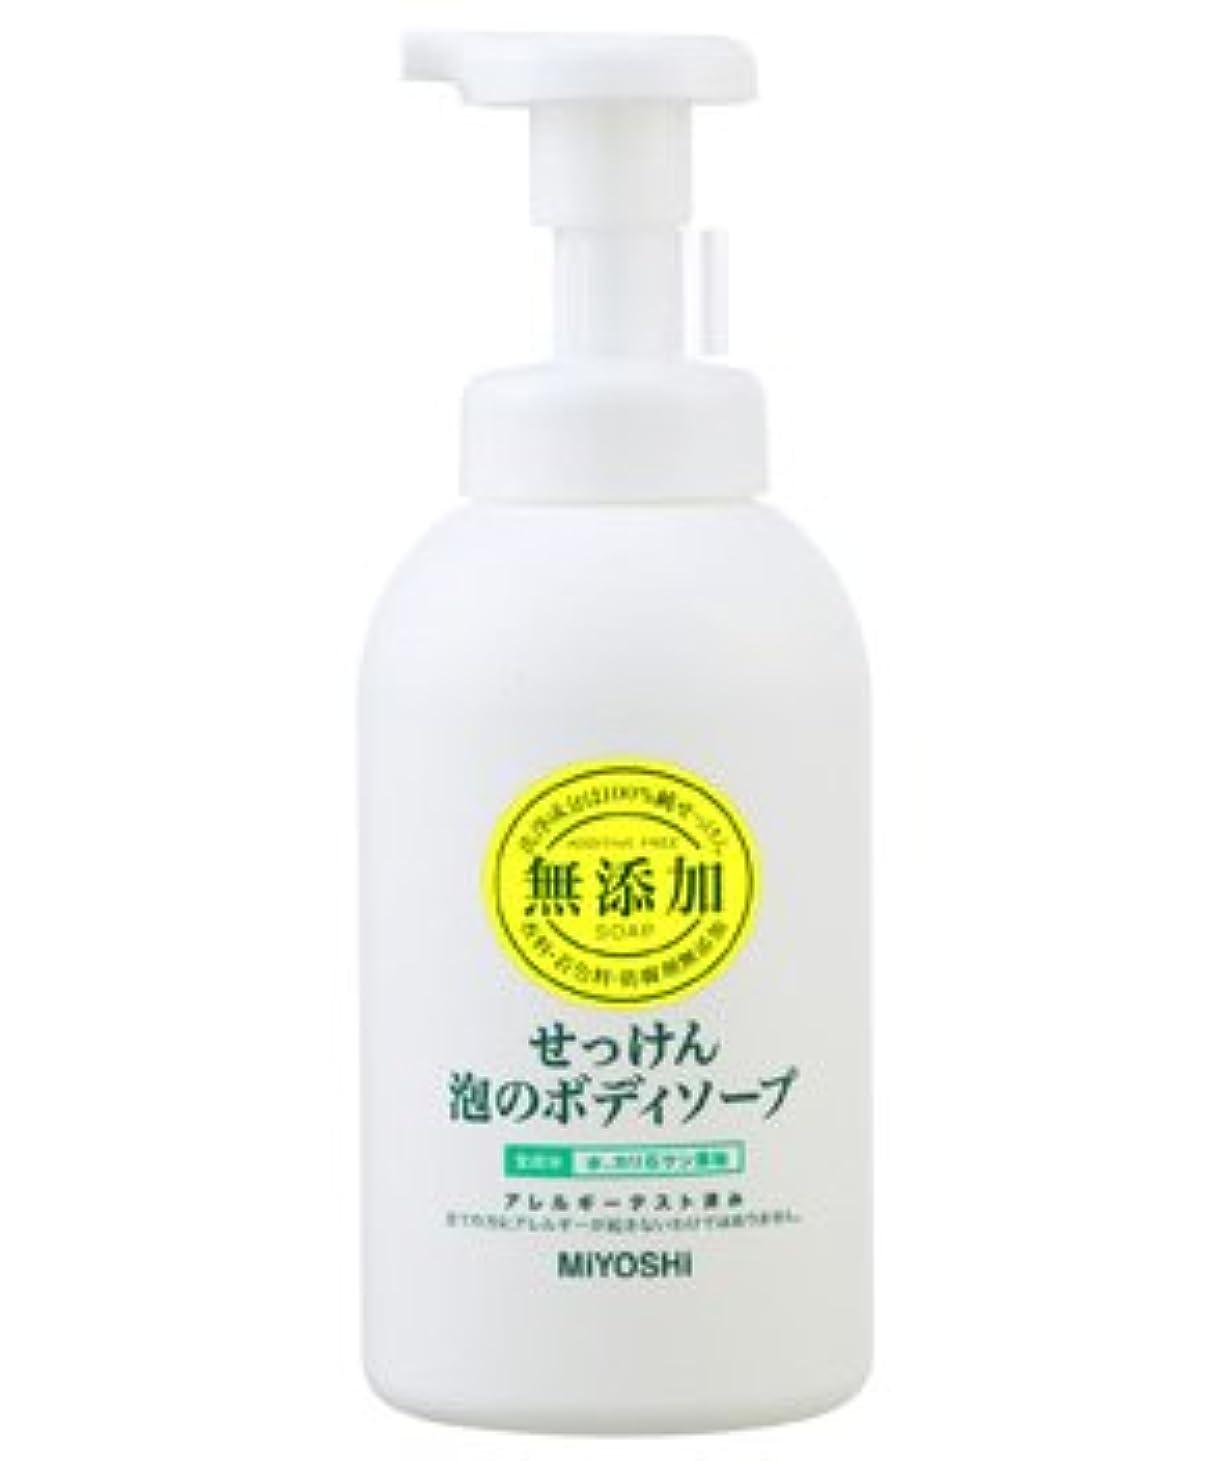 新しい意味付添人しおれたミヨシ石鹸 無添加 せっけん 泡のボディソープ 500ml(無添加石鹸)×15点セット (4537130101544)